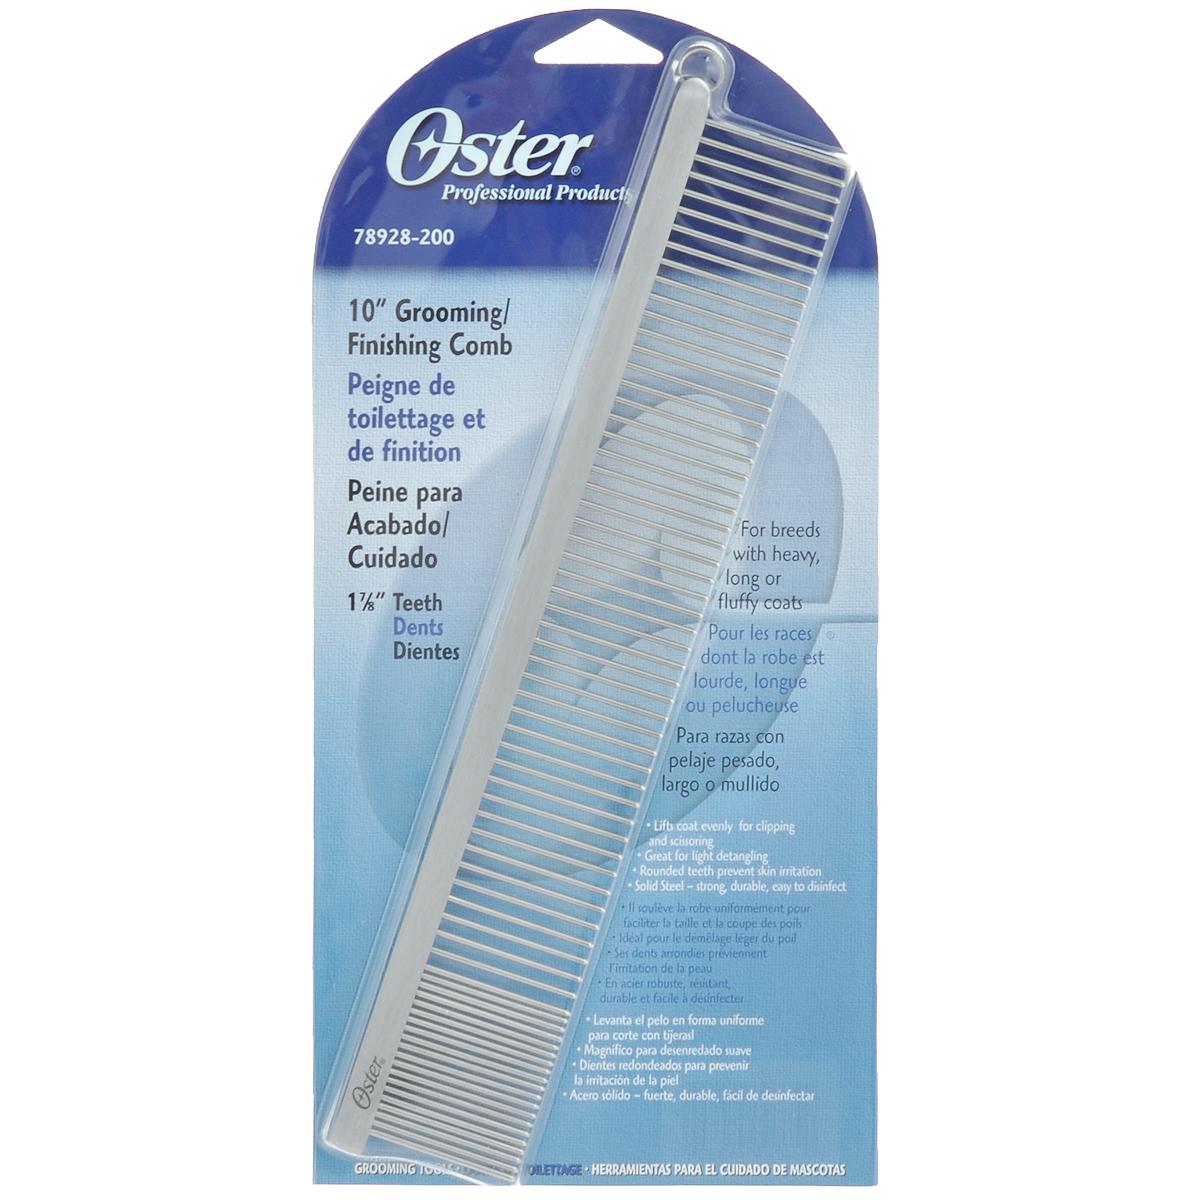 Расческа для животных Oster, длина 25 см078928-200Расческа для животных Oster - это большая металлическая комбинированная расческа с закругленными зубьями. Расческа имеет две частоты зубьев. Гребень предназначен для пород с тяжелой, длинной и пушистой шерстью. Равномерно удаляет отмершие и спутанные волосы, подготавливая шерсть для возможной стрижки. Закругленные зубцы препятствуют повреждению волоса при расчесывании и раздражению кожи. Твердая сталь - крепкая, долговечная и легкая в использовании. Длина зубьев: 3,5 см.Длина расчески: 25 см.Линька под контролем! Статья OZON Гид